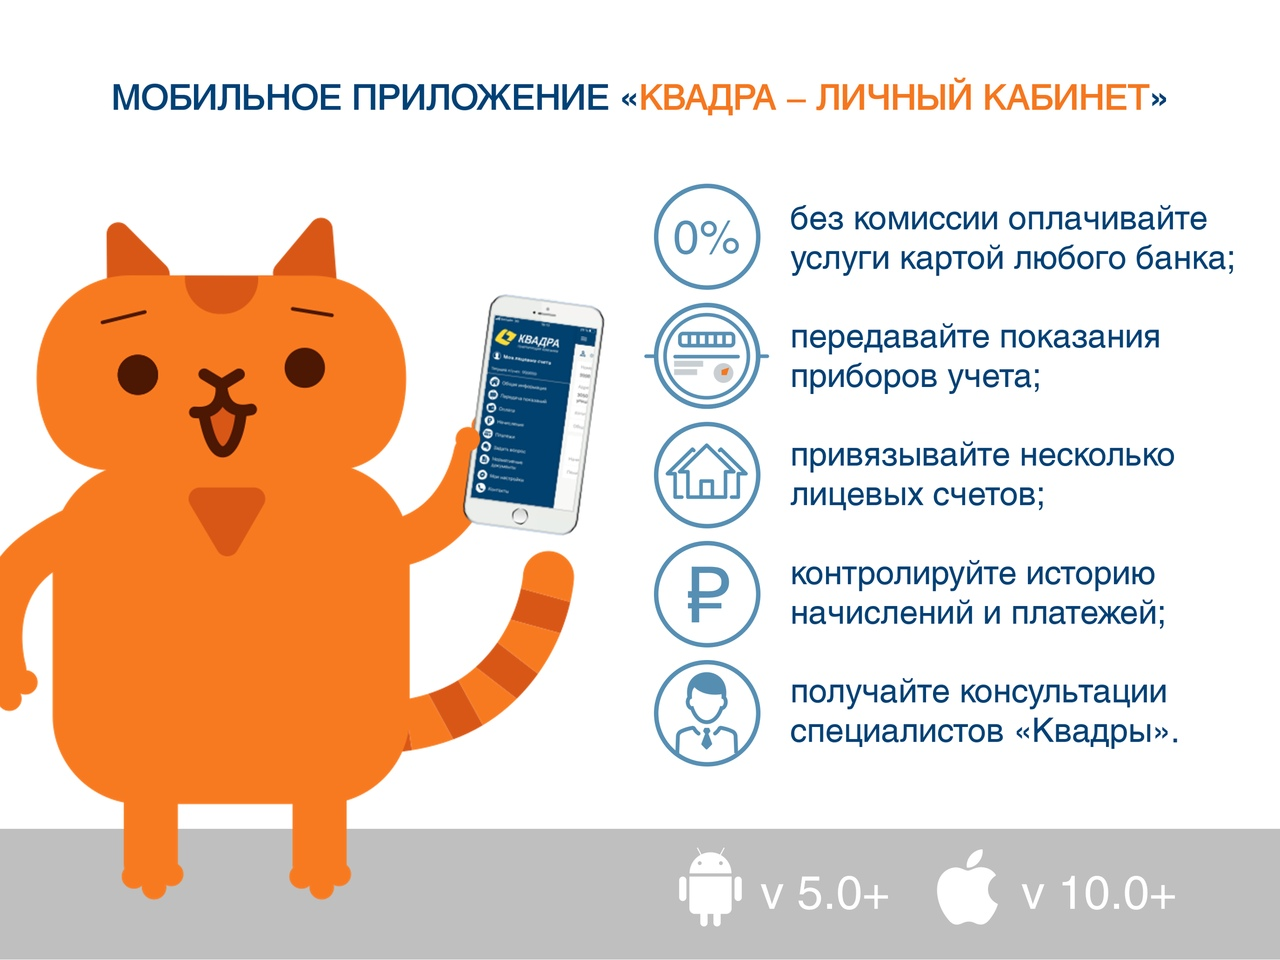 У курской «Квадры» появилось мобильное приложение